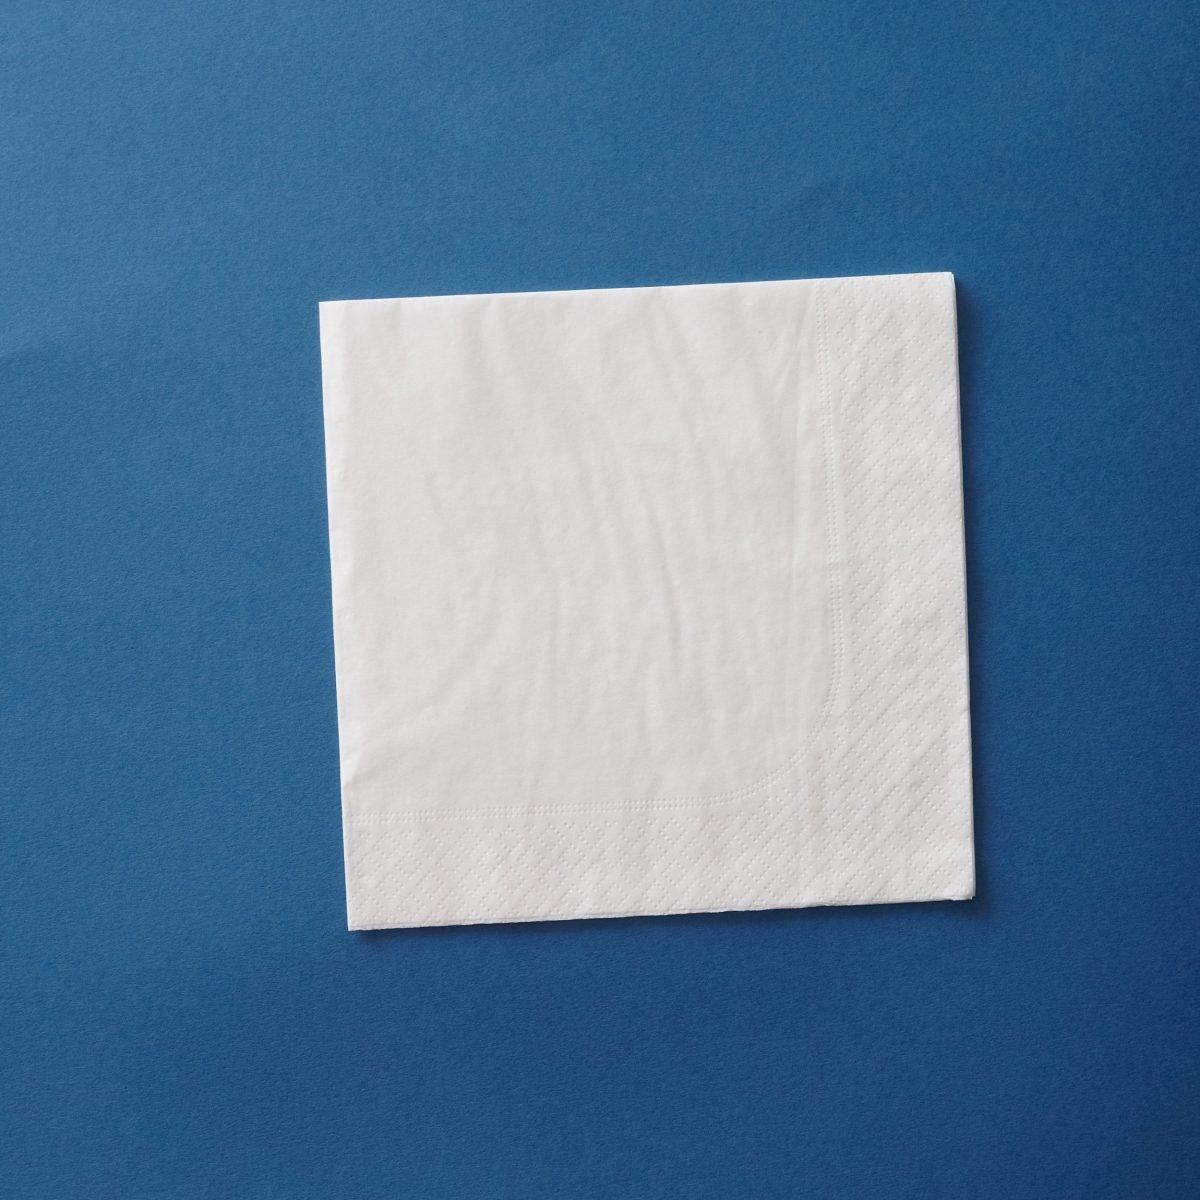 how-too-eye-shirt-napkin-01